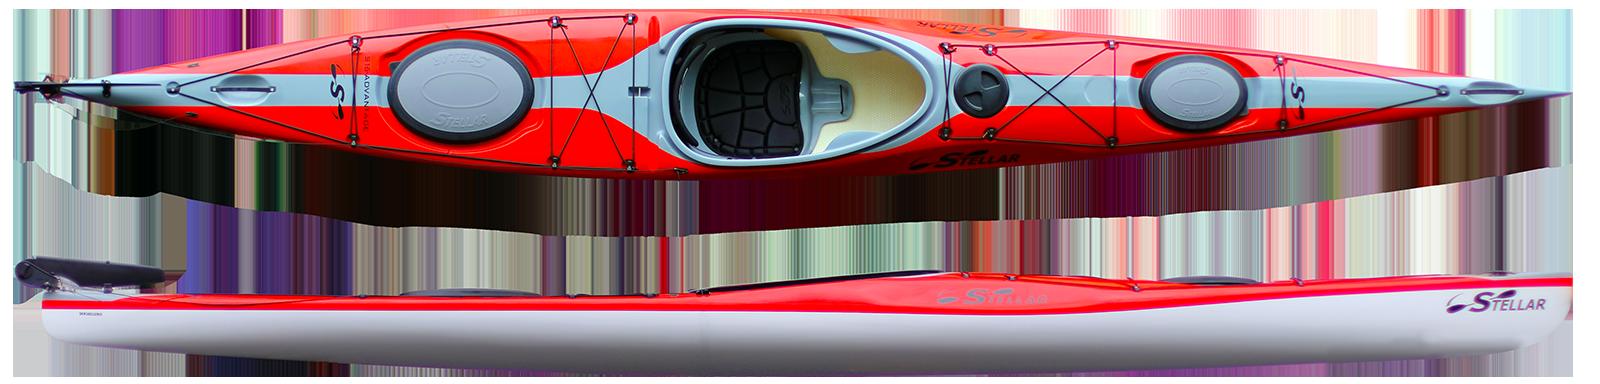 Stellar S16 Touring Kayak